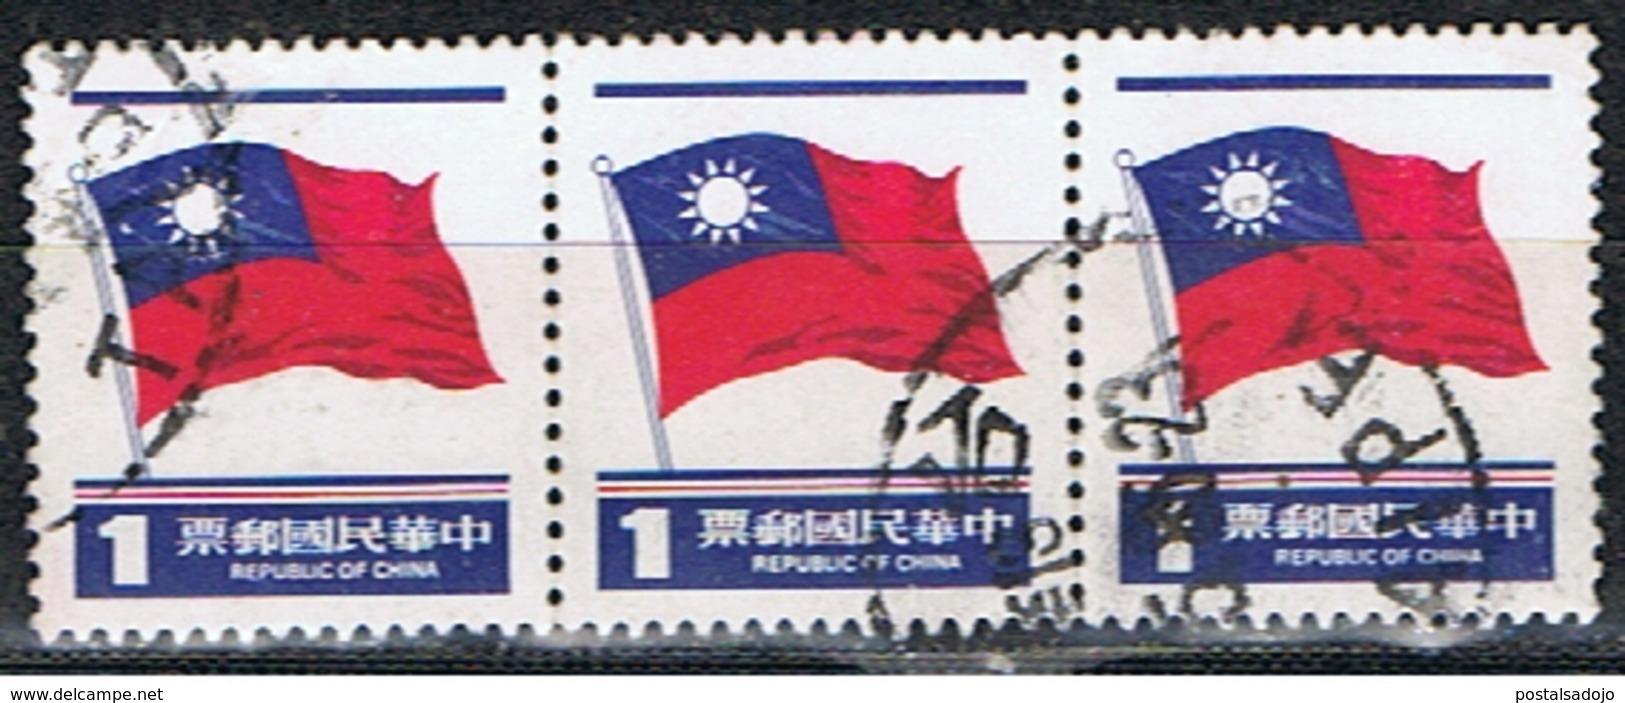 TAIWAN 35 // YVERT 1198 X 3 SE TENANT // 1978 - 1945-... Republik China